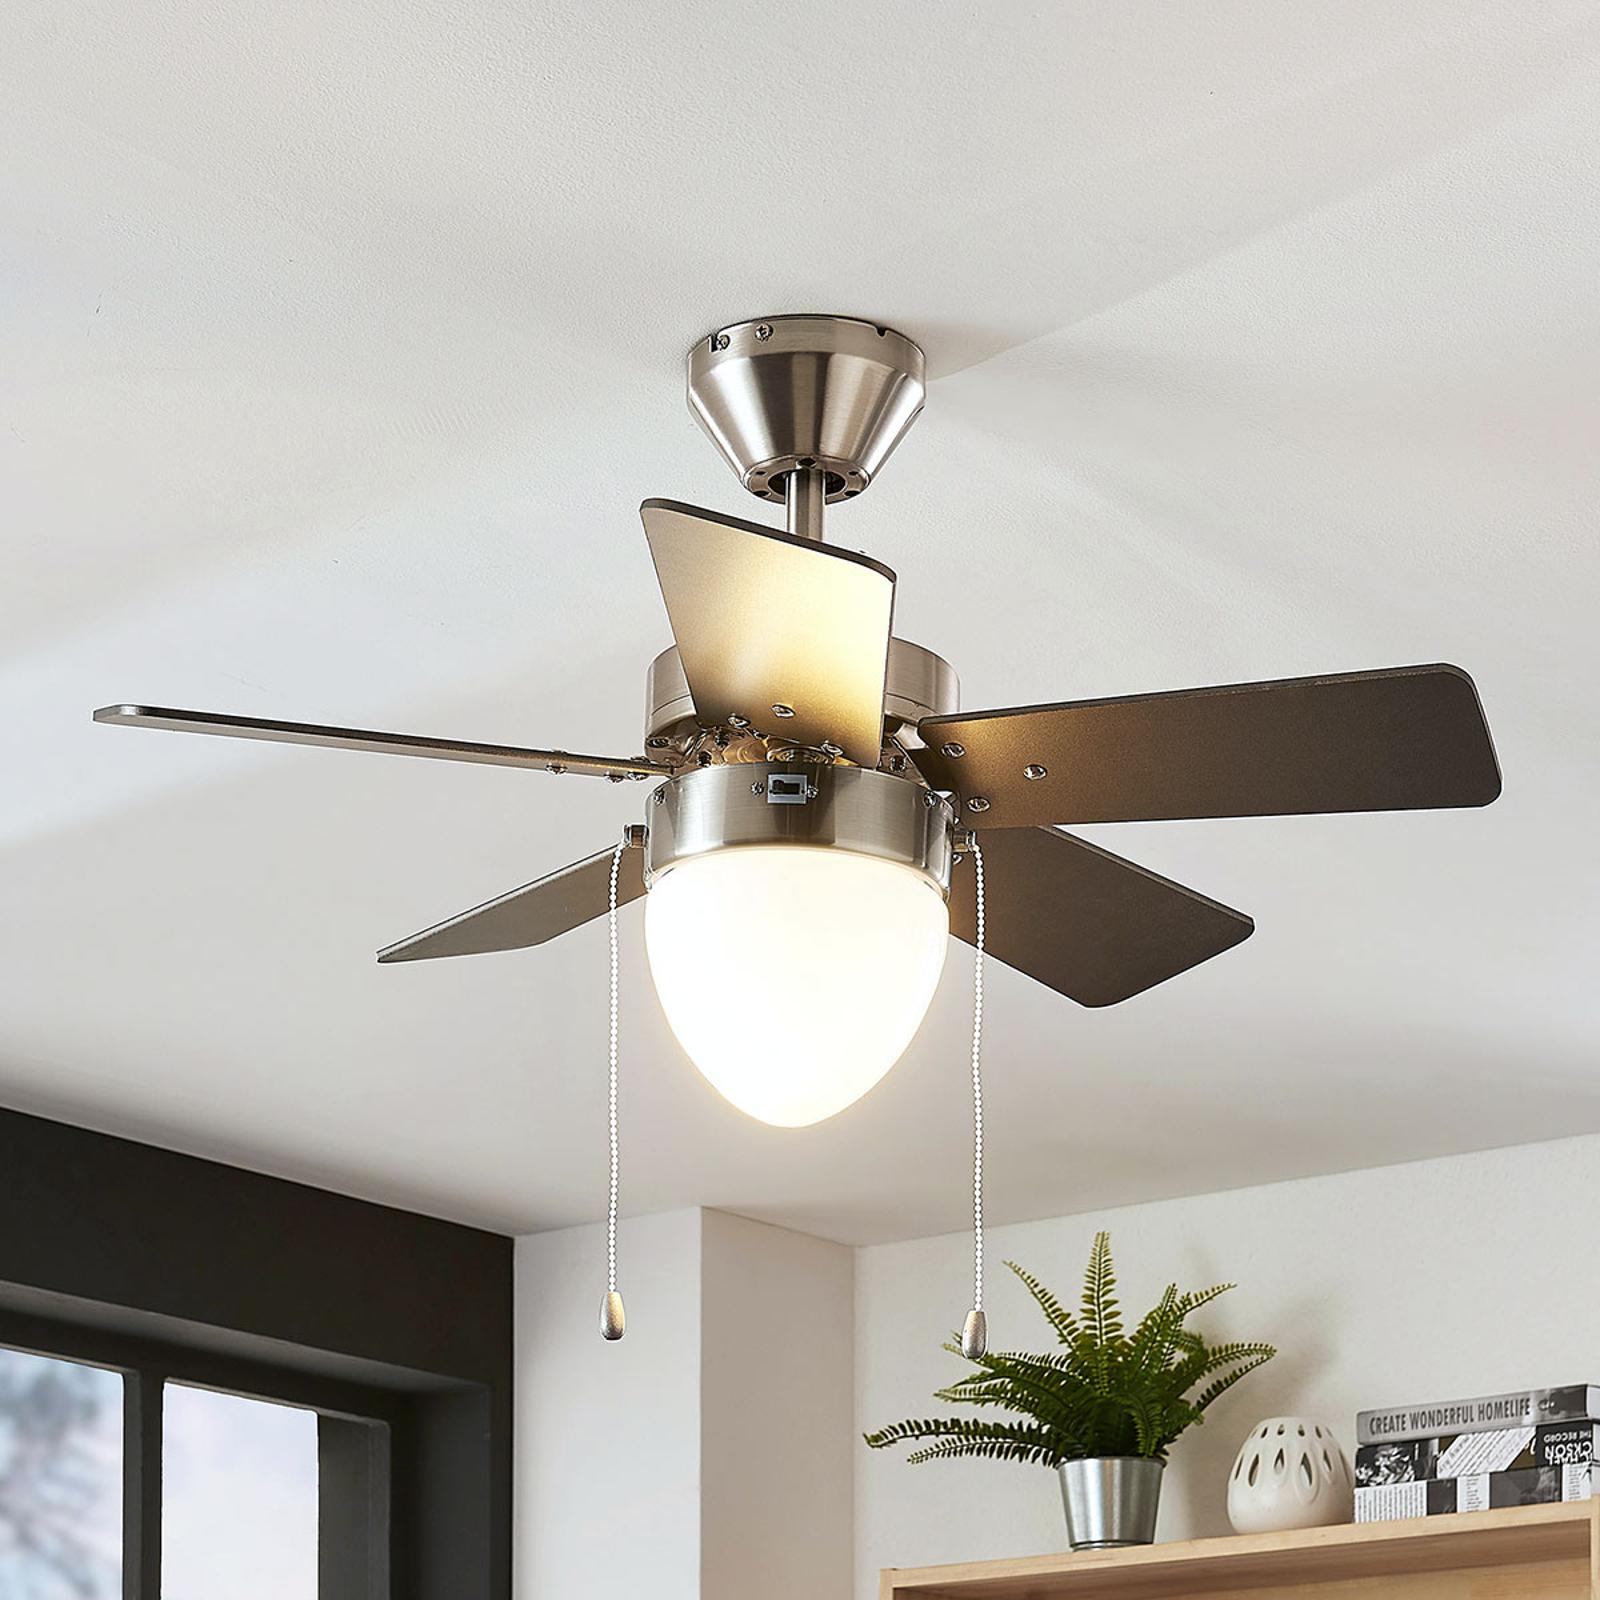 Stropní ventilátor Ante, osvětlený, 5vrtulí